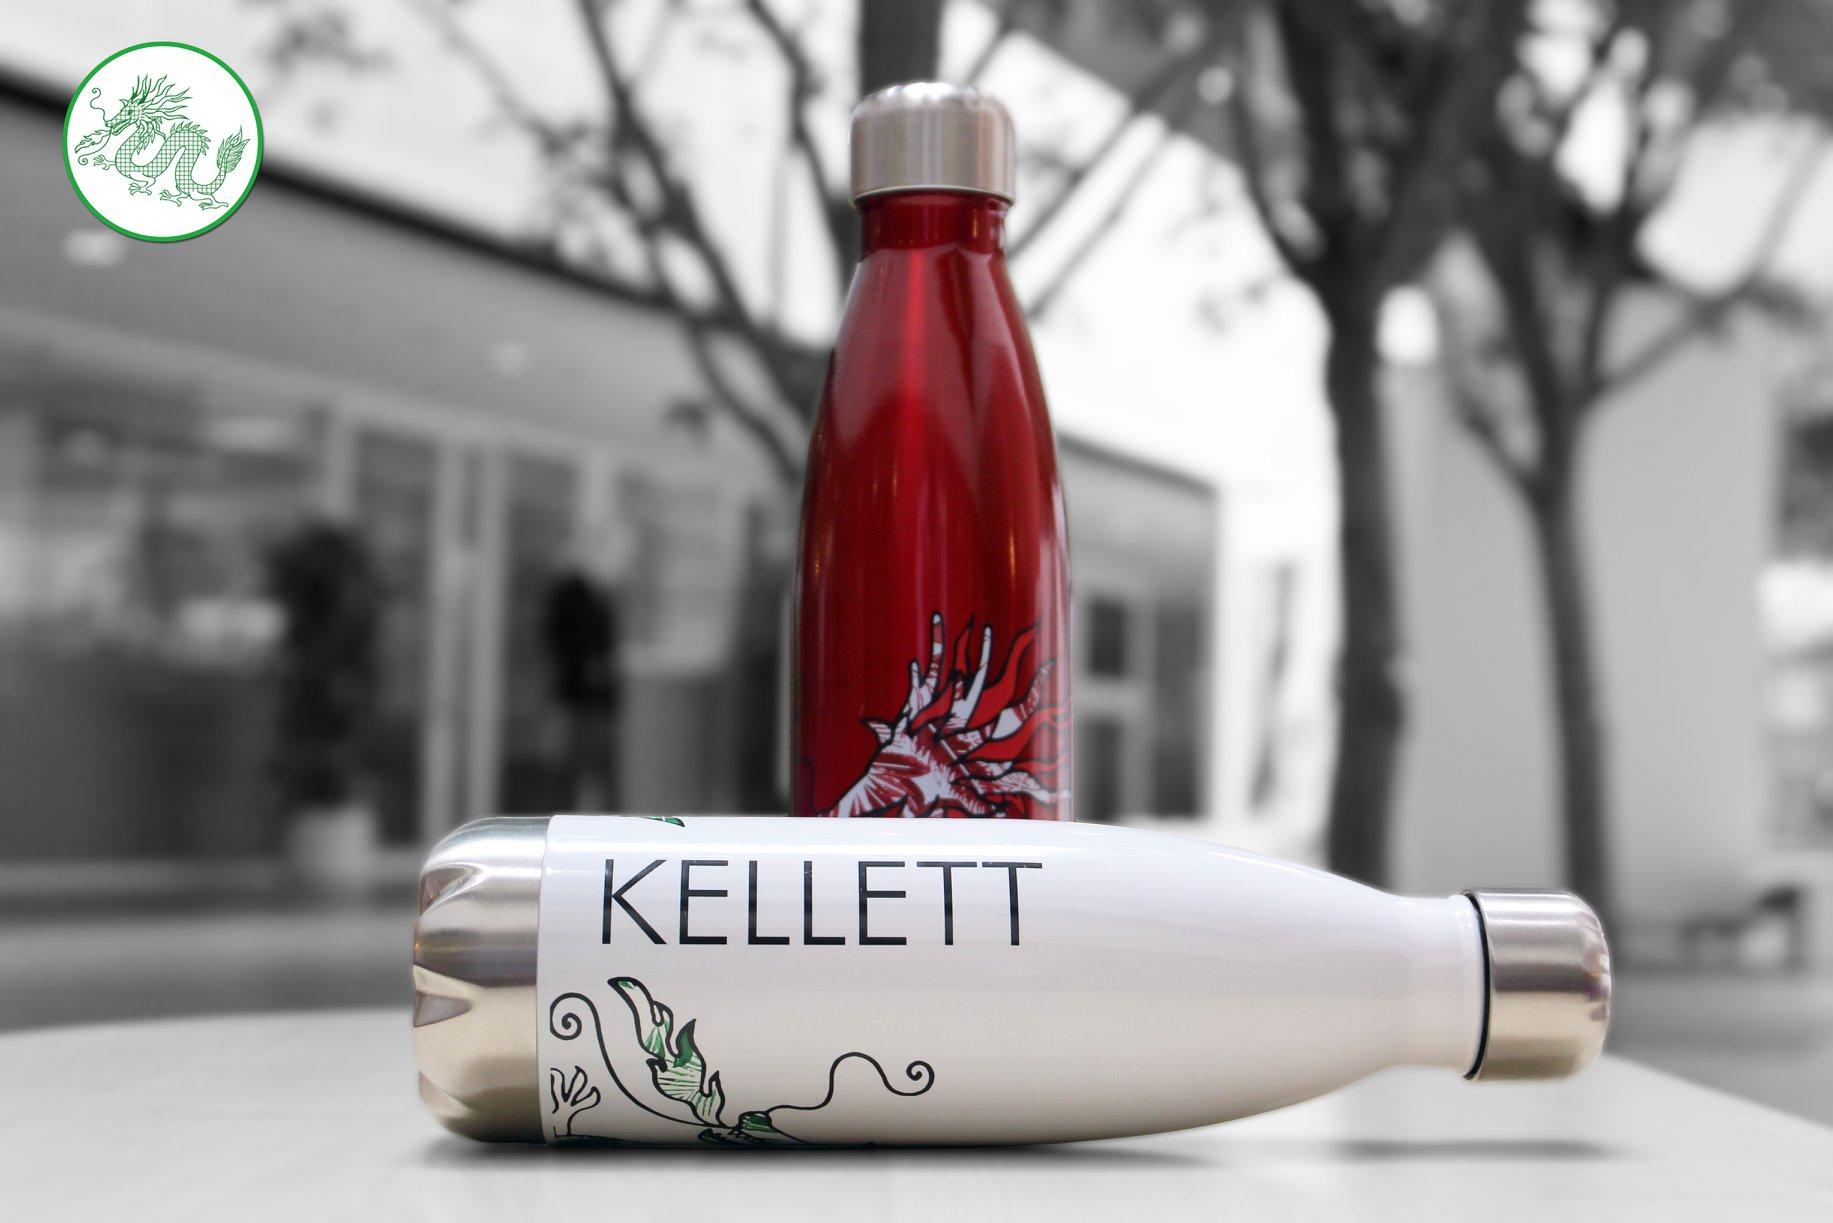 Kellett bottles